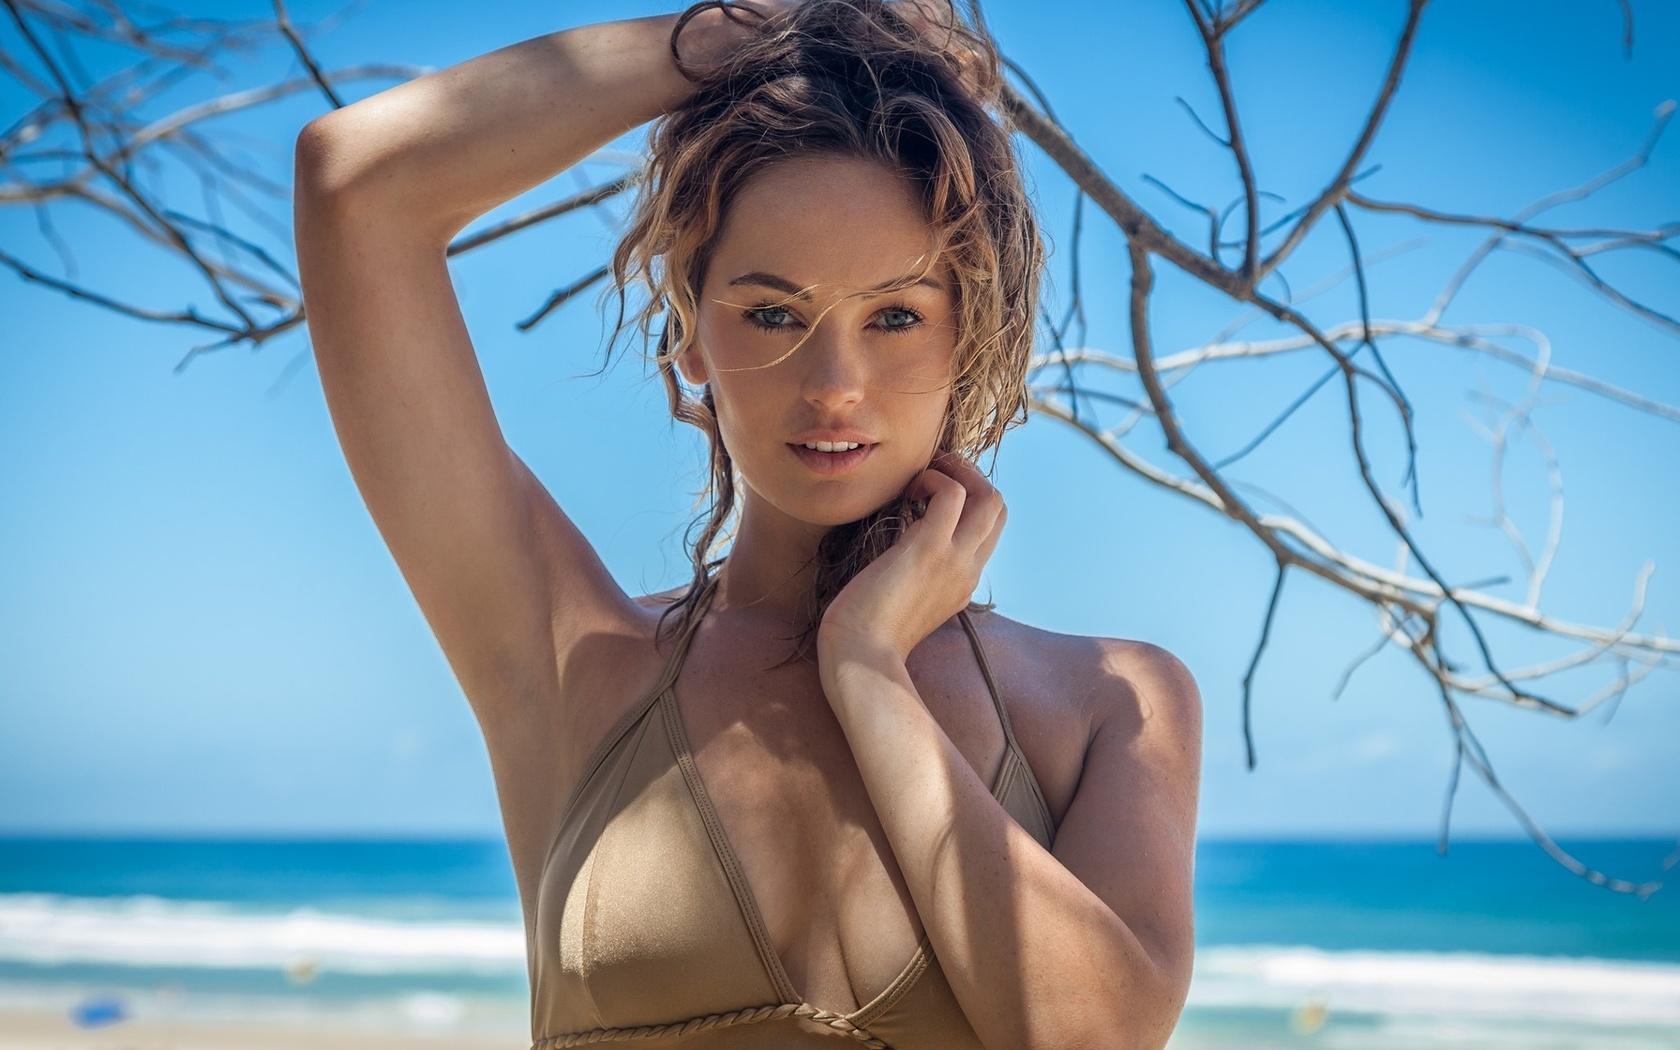 Смотрим голые девочки крупно, Одноклассники 22 фотография